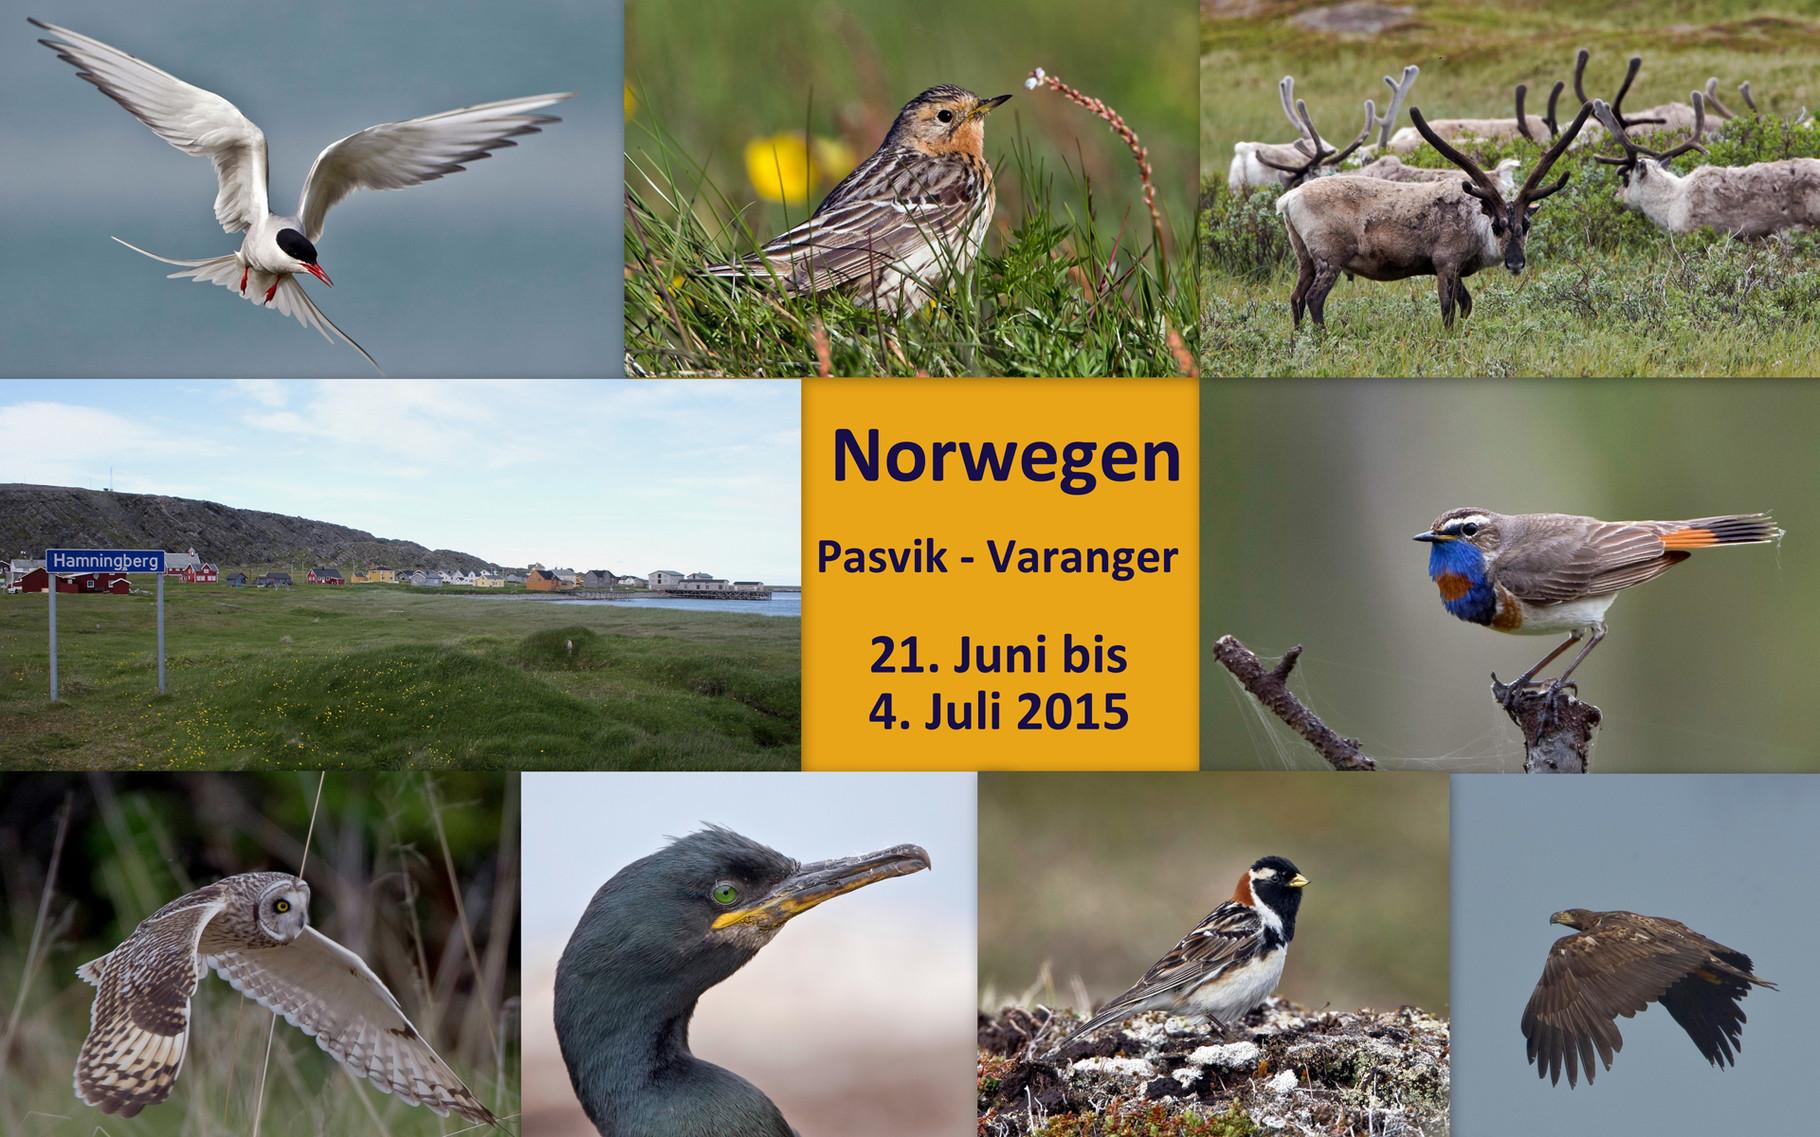 Starte die Bilder-Galerie unserer Norwegen-Birdingreise